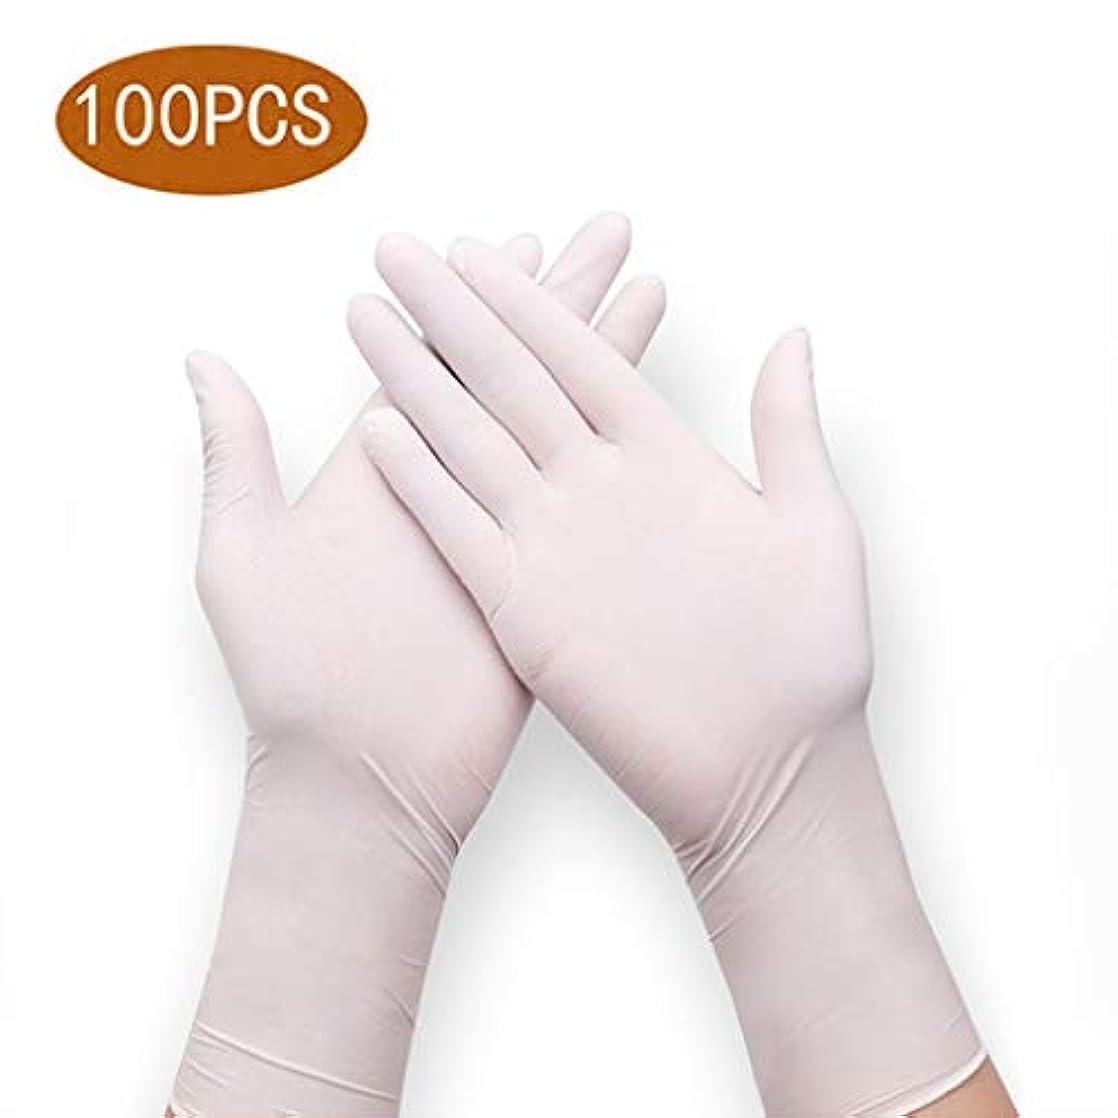 絶縁する陪審プロジェクターニトリル手袋ビニール試験使い捨て手袋-家庭用の毎日の台所の洗浄と延長、6ミル、ゴム労働保護美容院ラテックスフリー、パウダーフリー、両手利き、100個 (Size : M)